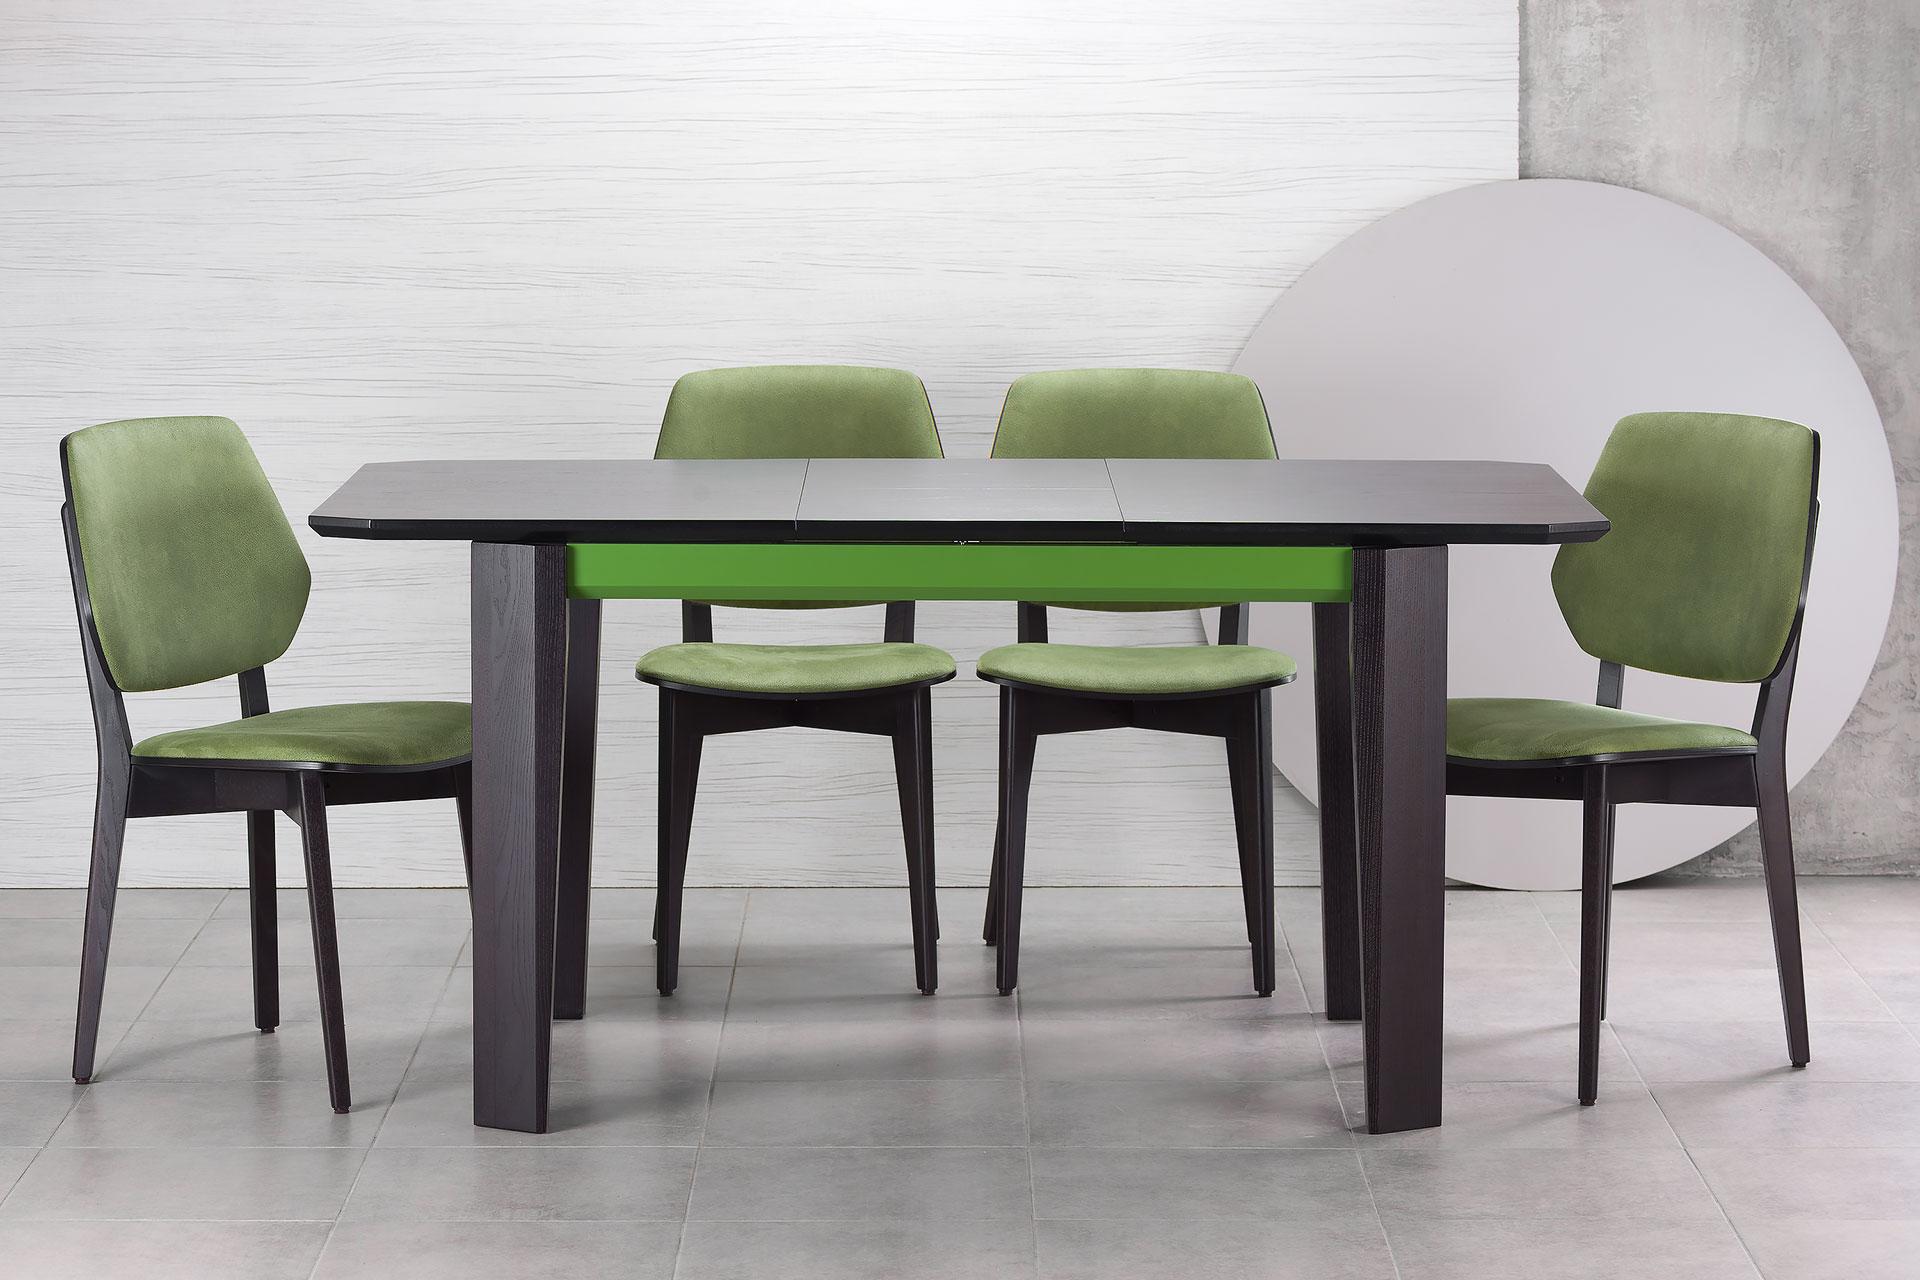 """Разложенный кухонный стол """"Варгас"""" черно-зеленый (столешница шпонированная) с твердого дерева и стул 03В, черный каркас с зеленой мягкой спинкой и сиденьем со штучной замши Exim Mustang Light Green"""